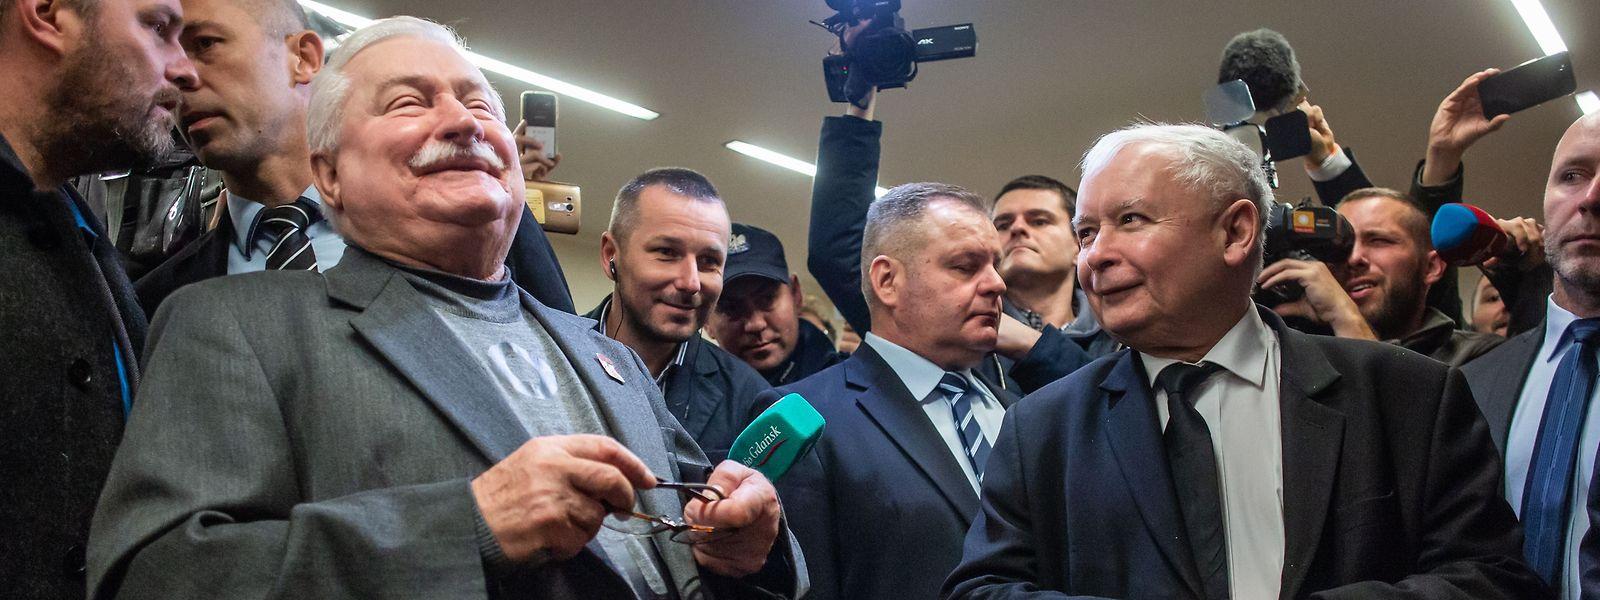 Der Schein trügt: Walesa (l.) und Kaczynski sind sich nicht immer gut gesonnen.